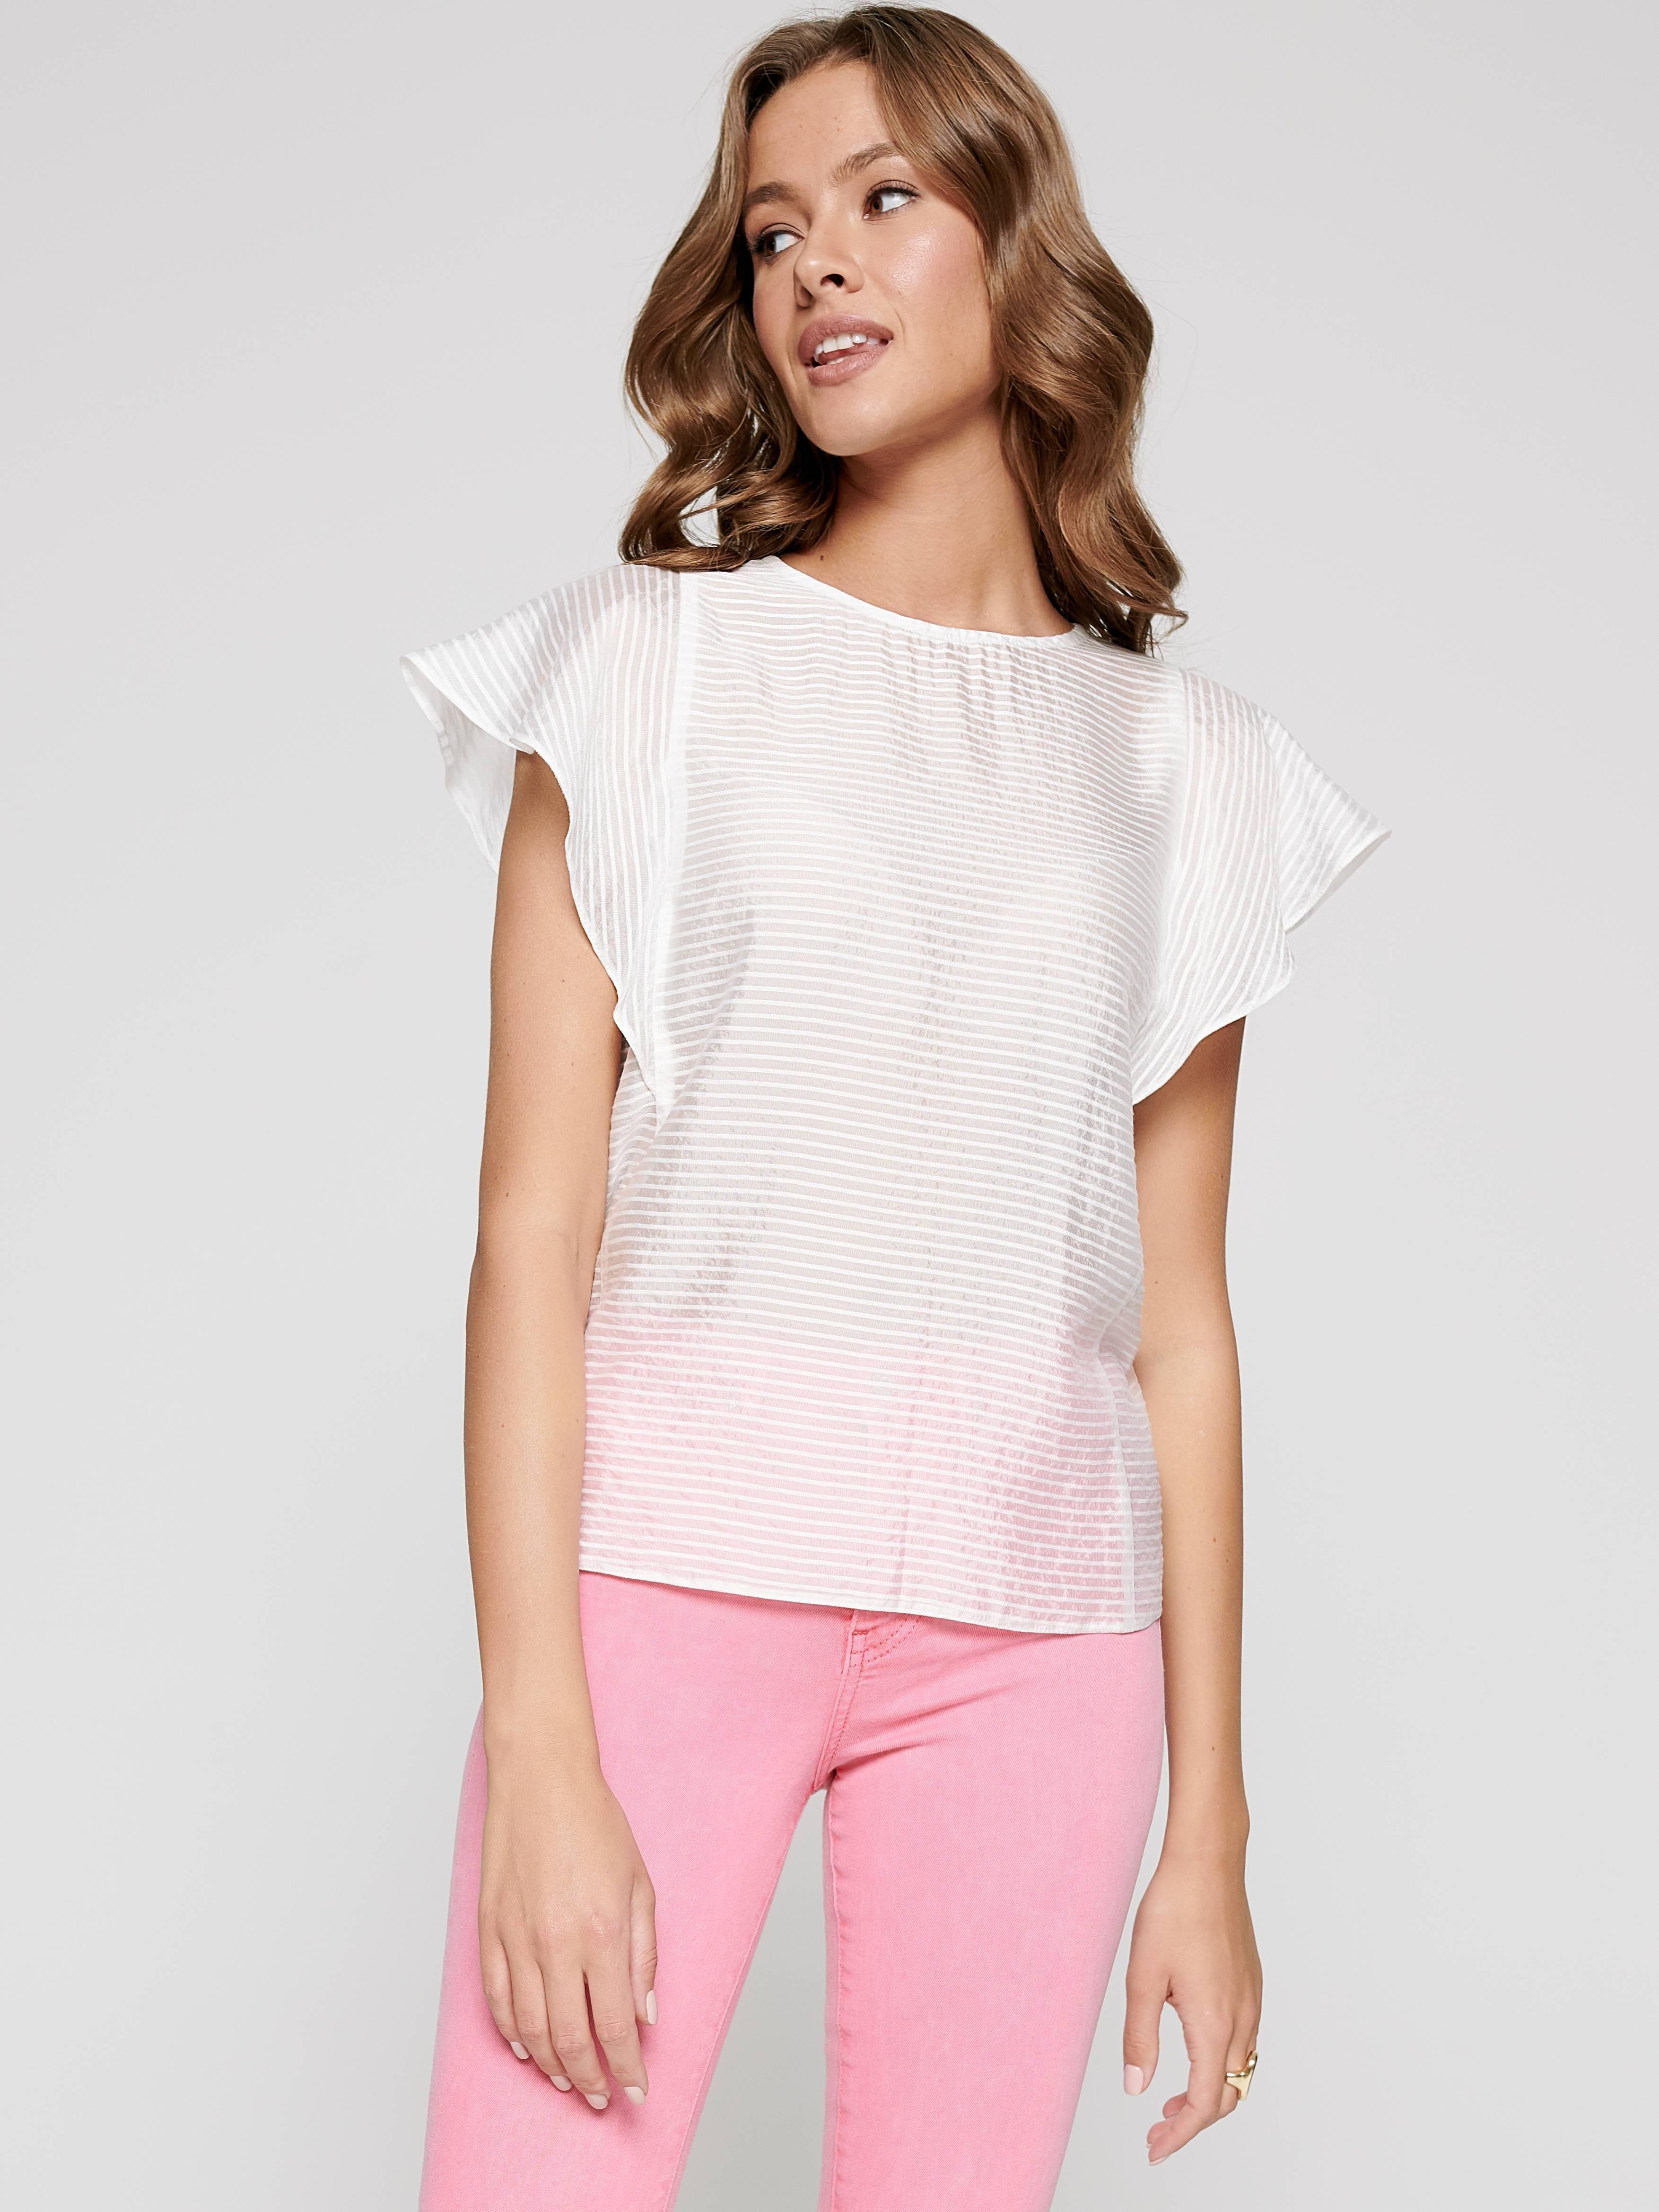 Блузка женская ⭐️ Блузка из вискозы премиального качества